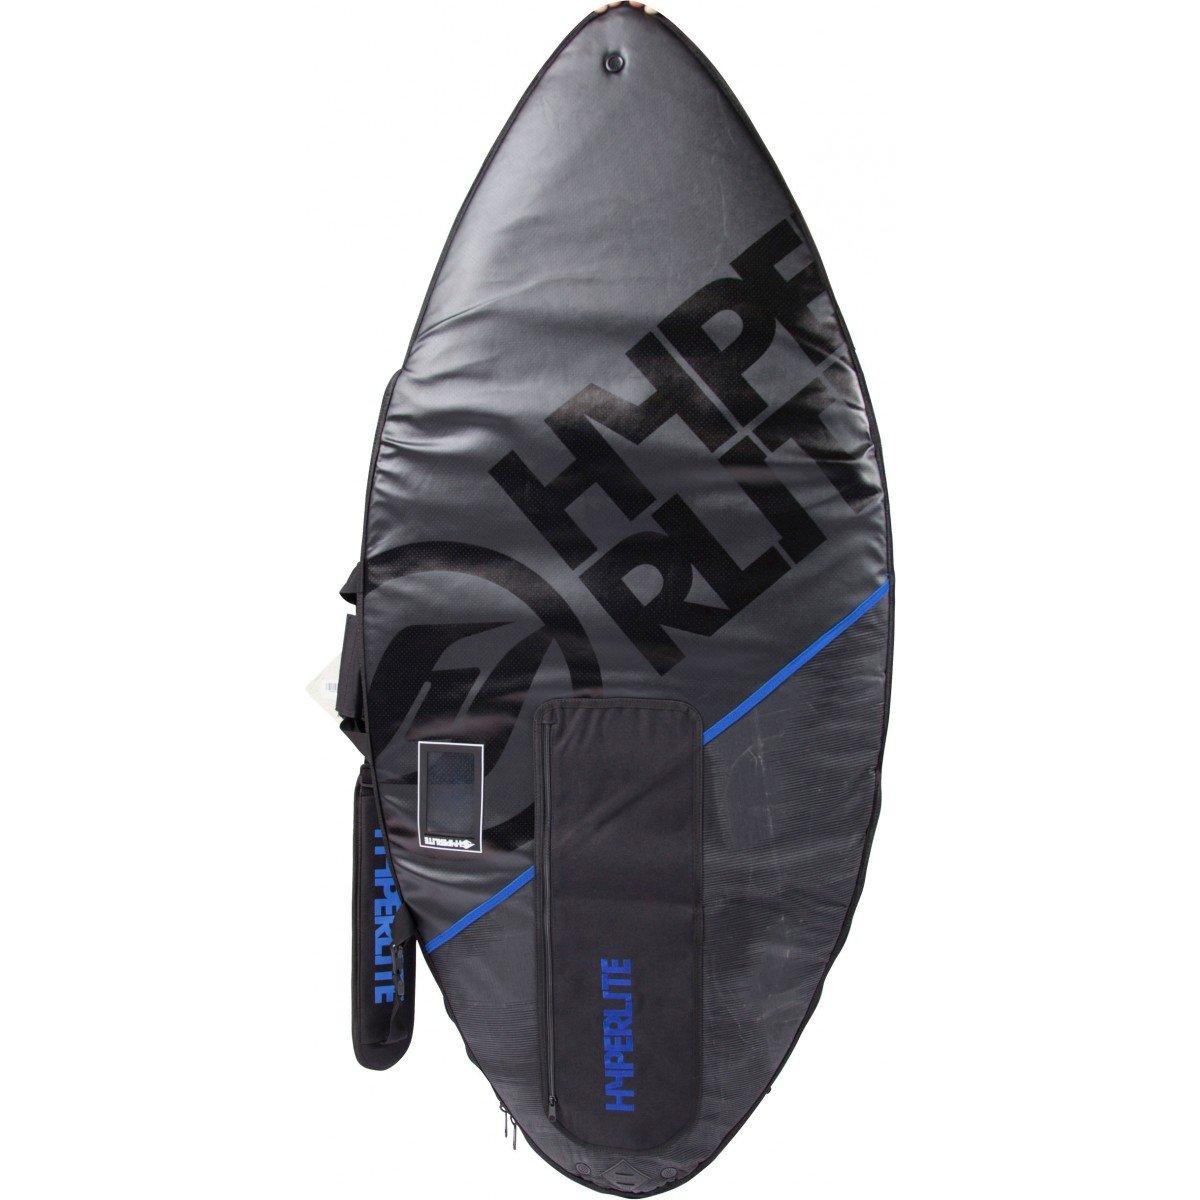 Hyperlite 2017 Wakesurf Bag-4'8''